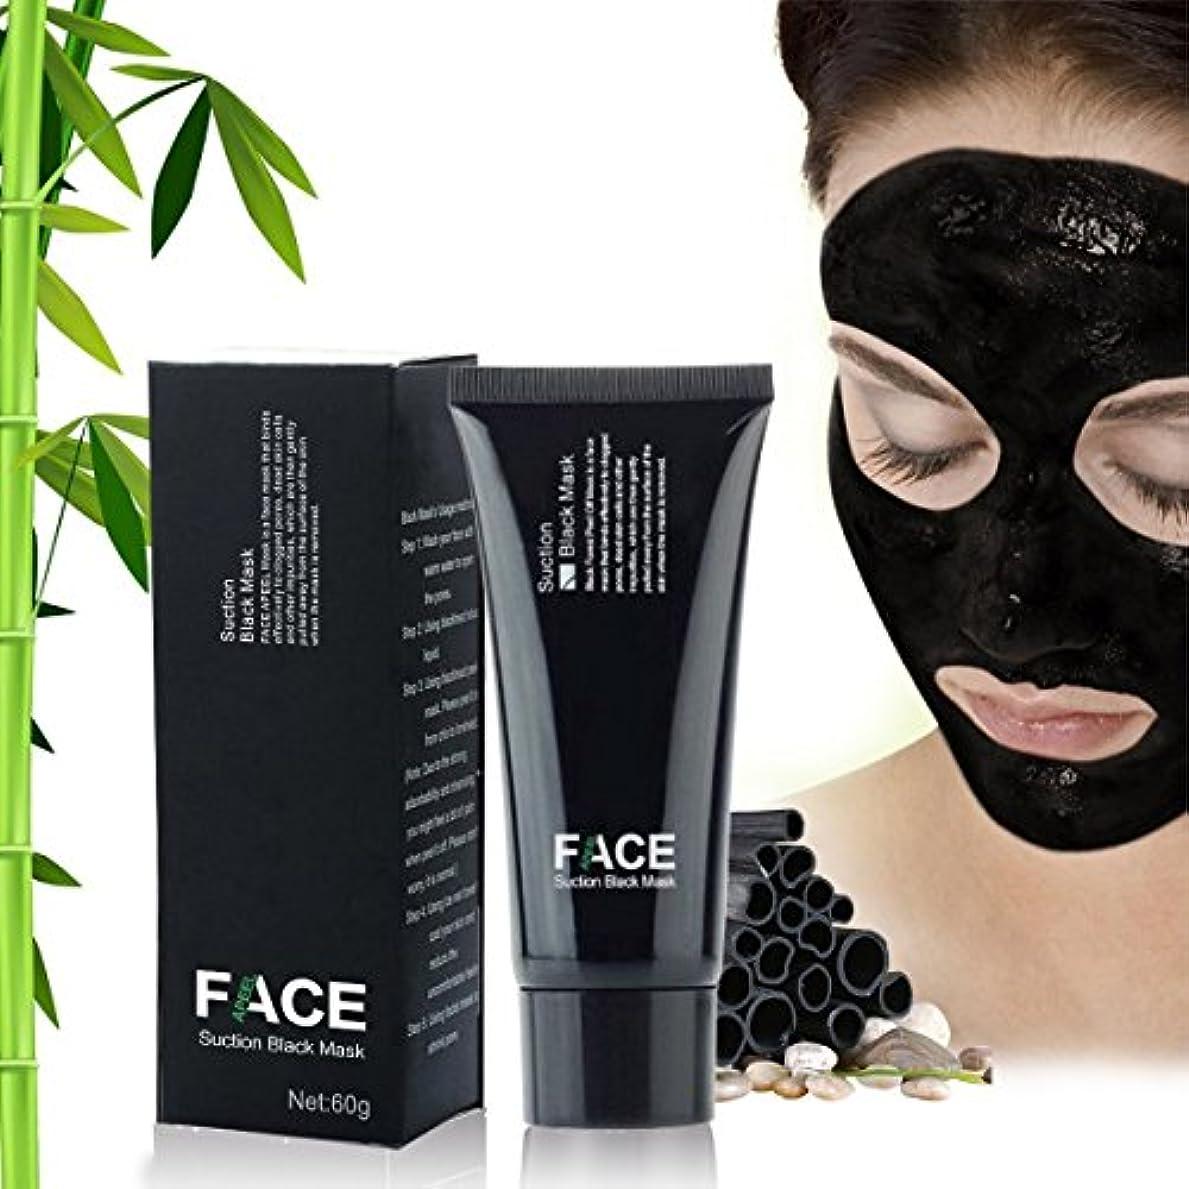 イブ食べる然としたFace Apeel Blackhead Remover - Peel-off Mask for Men and Women - Deep Cleans Better than Pore Strips for Instantly